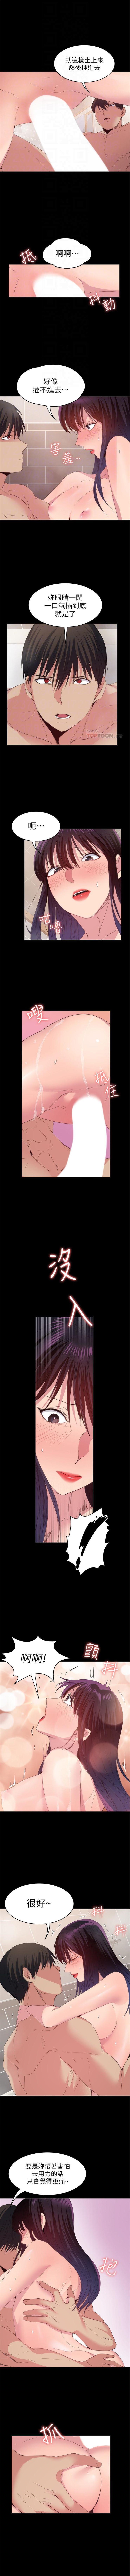 (周2)退货女友 1-23 中文翻译(更新中) 156